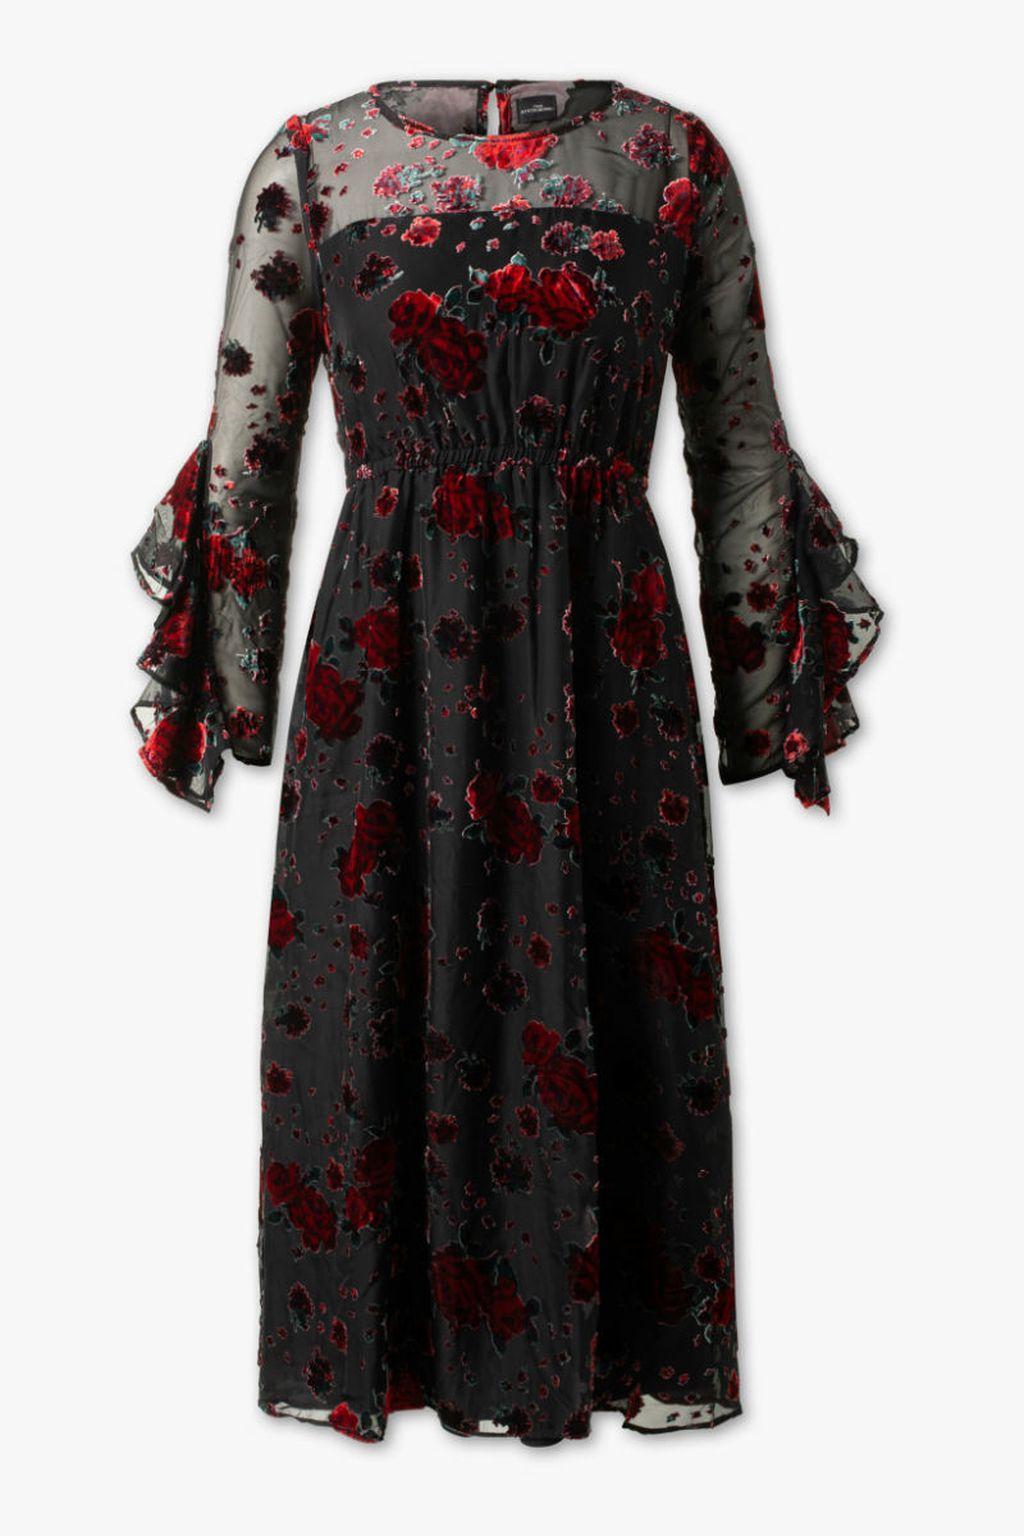 Crne haljine iz trgovina - 2